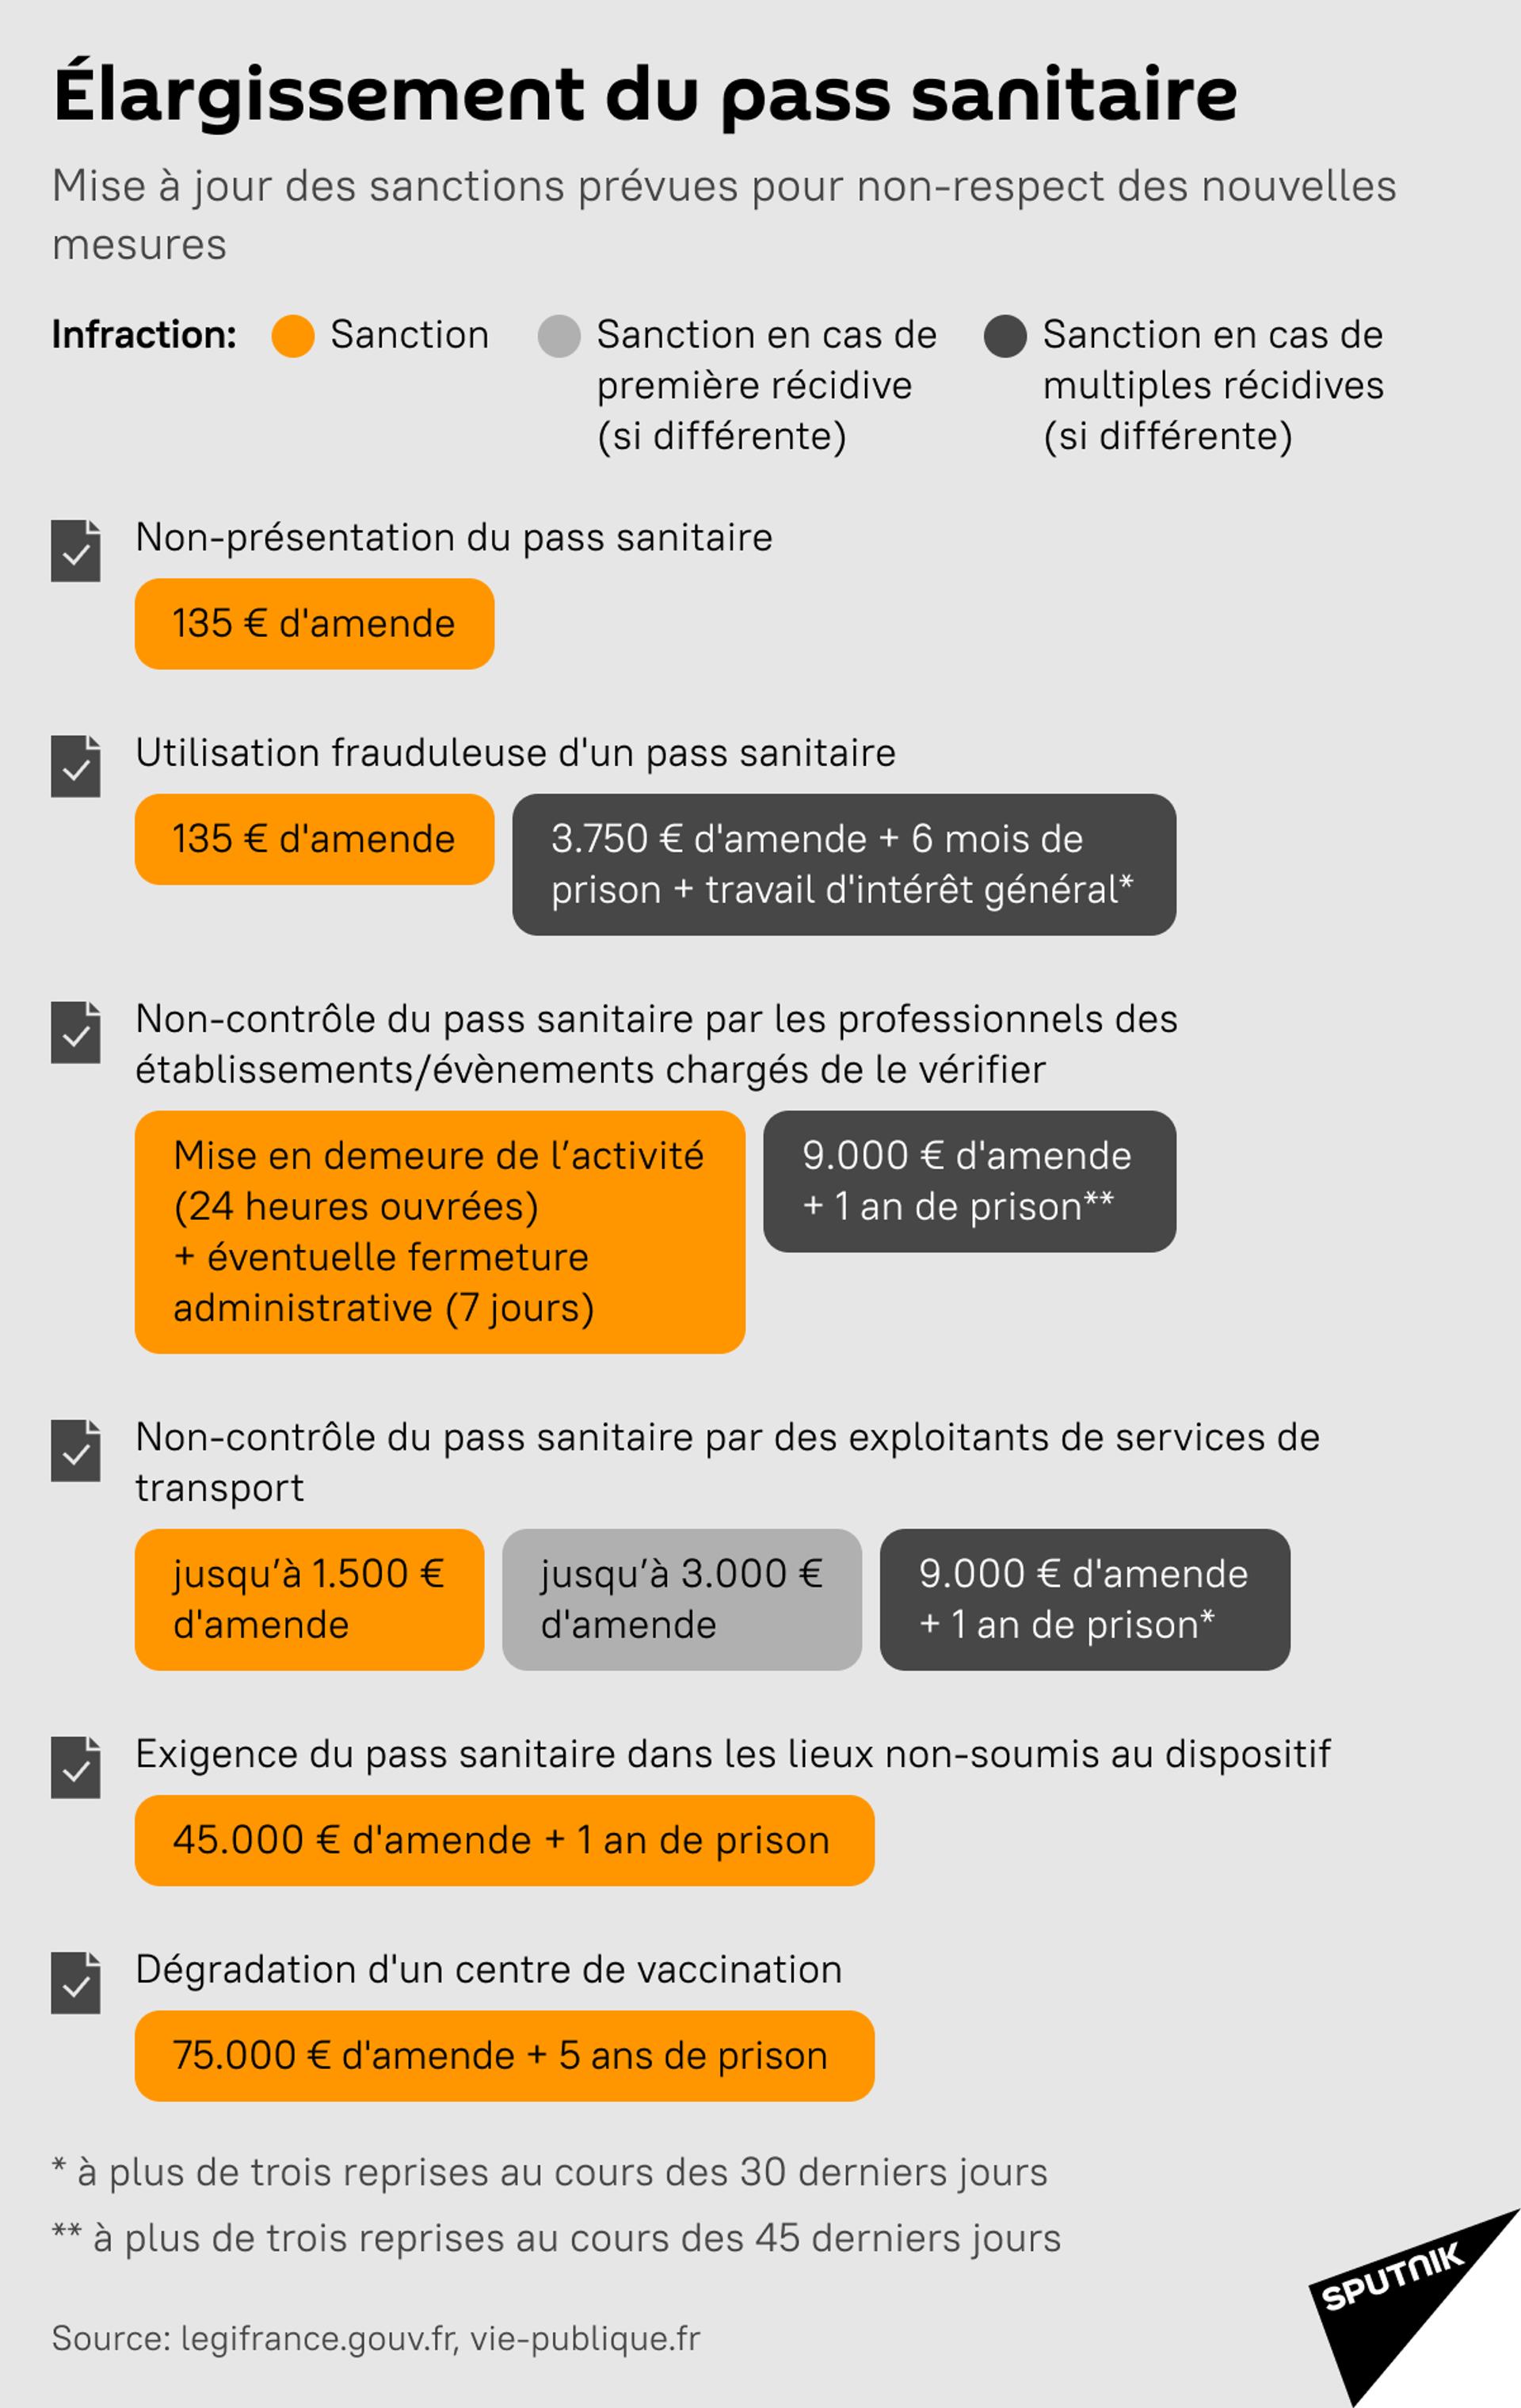 Les sanctions prévues en cas de non-respect des nouvelles mesures suite à l'élargissement du pass sanitaire - Sputnik France, 1920, 21.09.2021